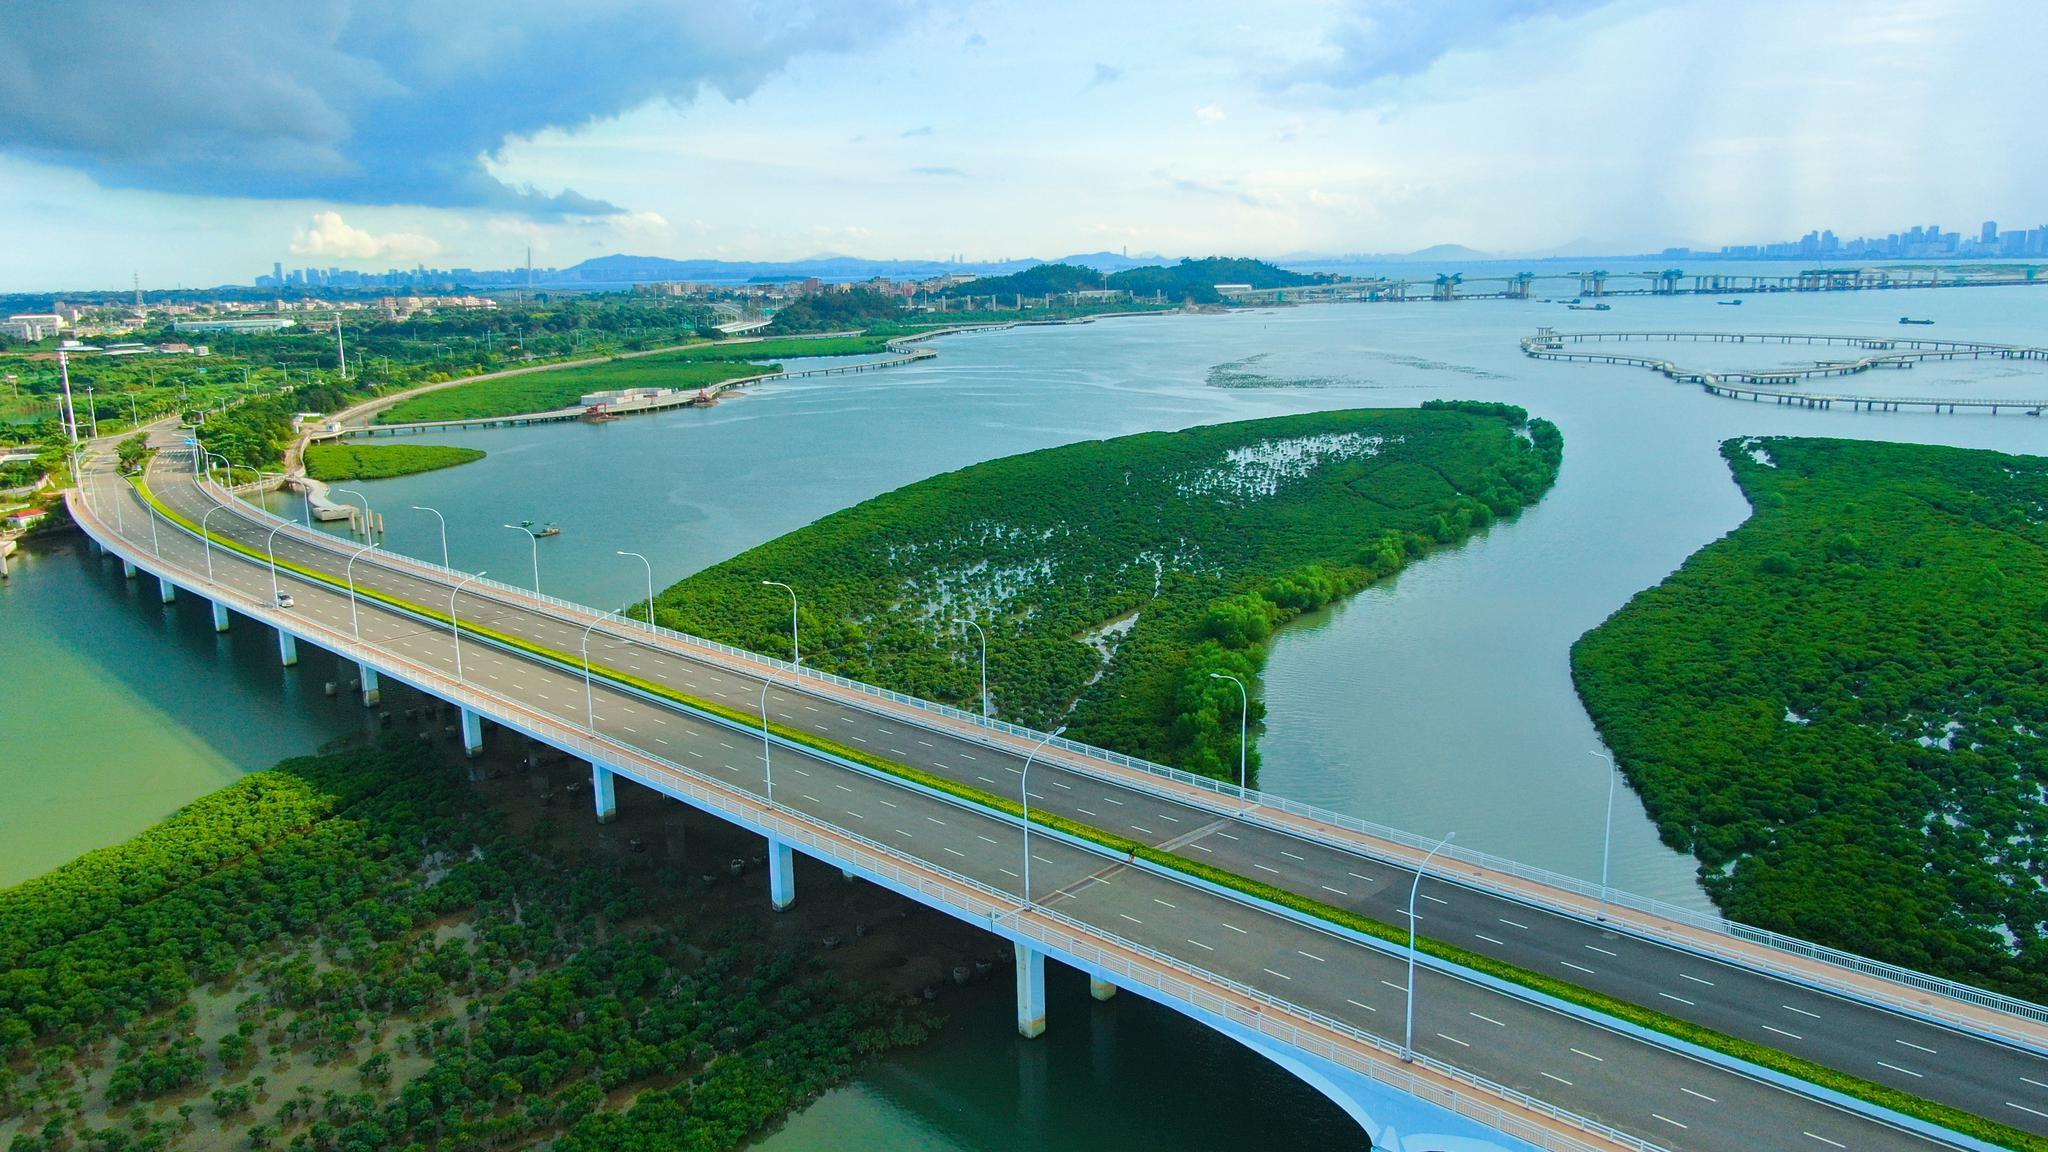 航拍国内首座斜拉桥,也是厦门环东海域五座标志性之一的大桥